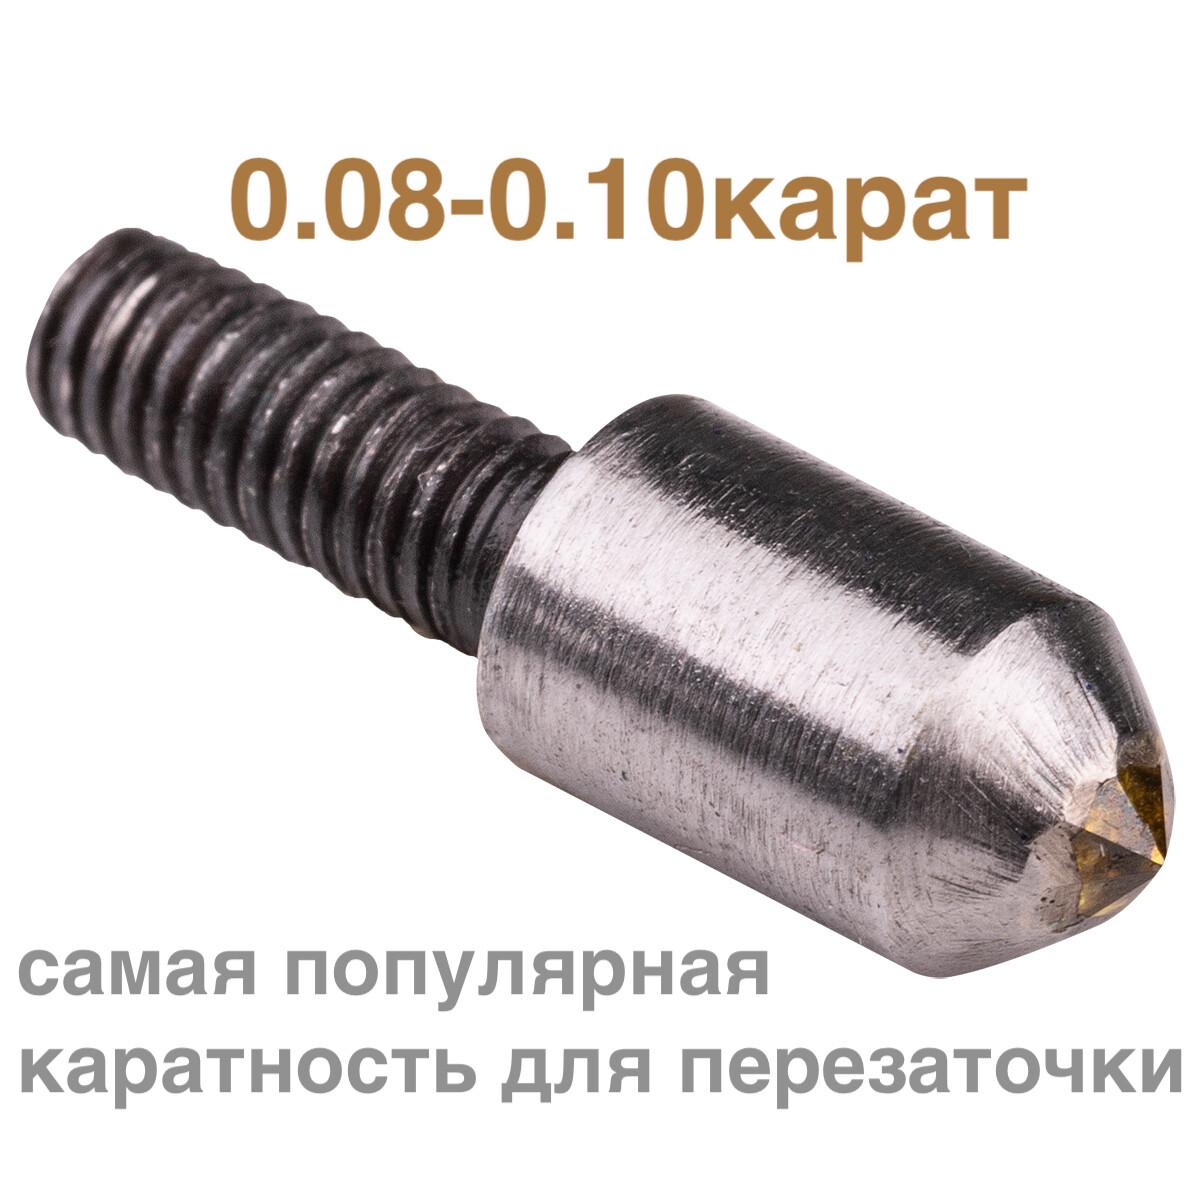 0.08-0.10ct ЭКСПЕРТ-1 игла алмазная №1